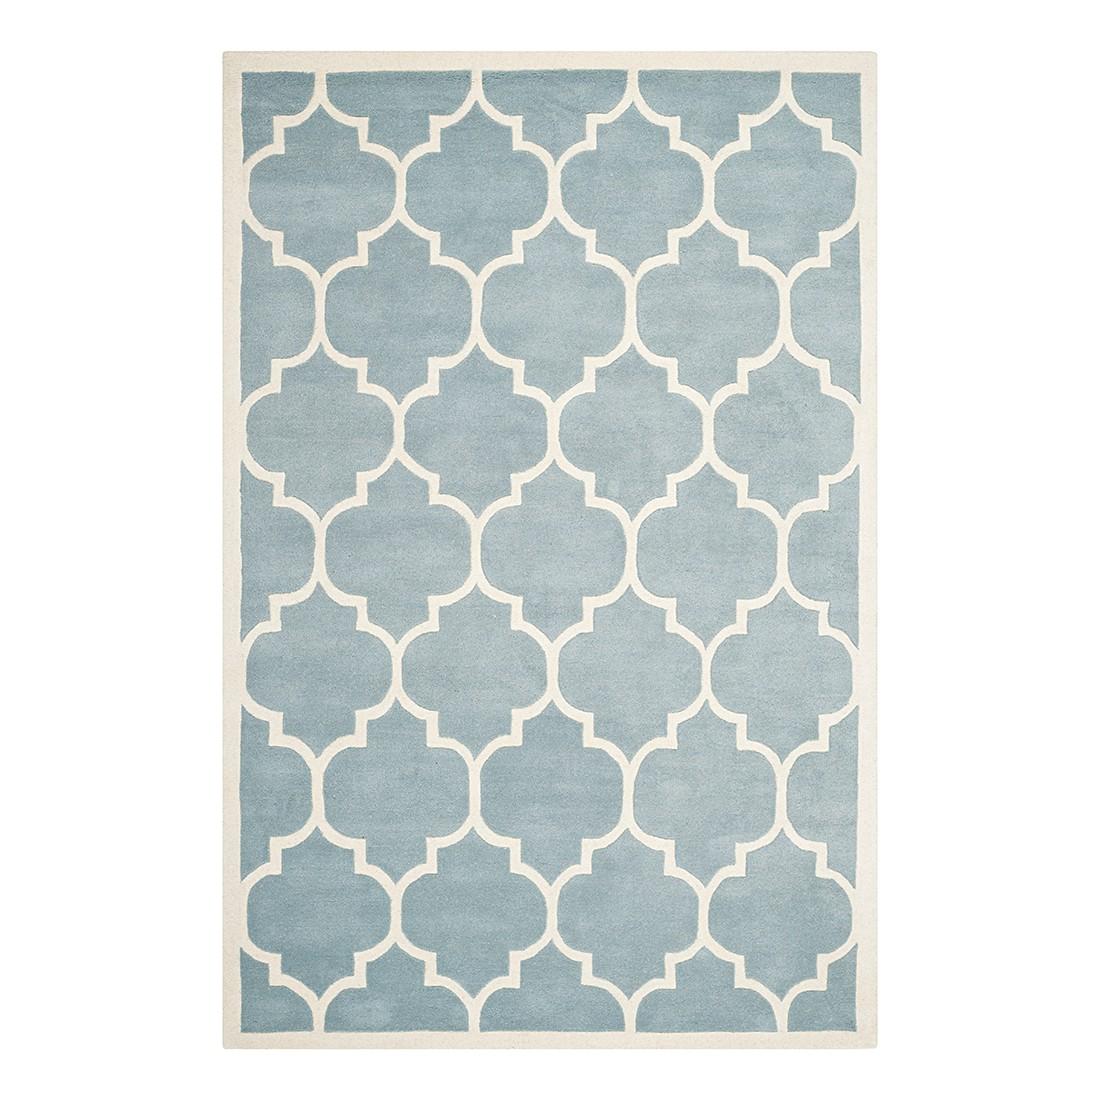 Teppich Morton – Blau/Creme – Maße: 121 x 182 cm, Safavieh günstig online kaufen